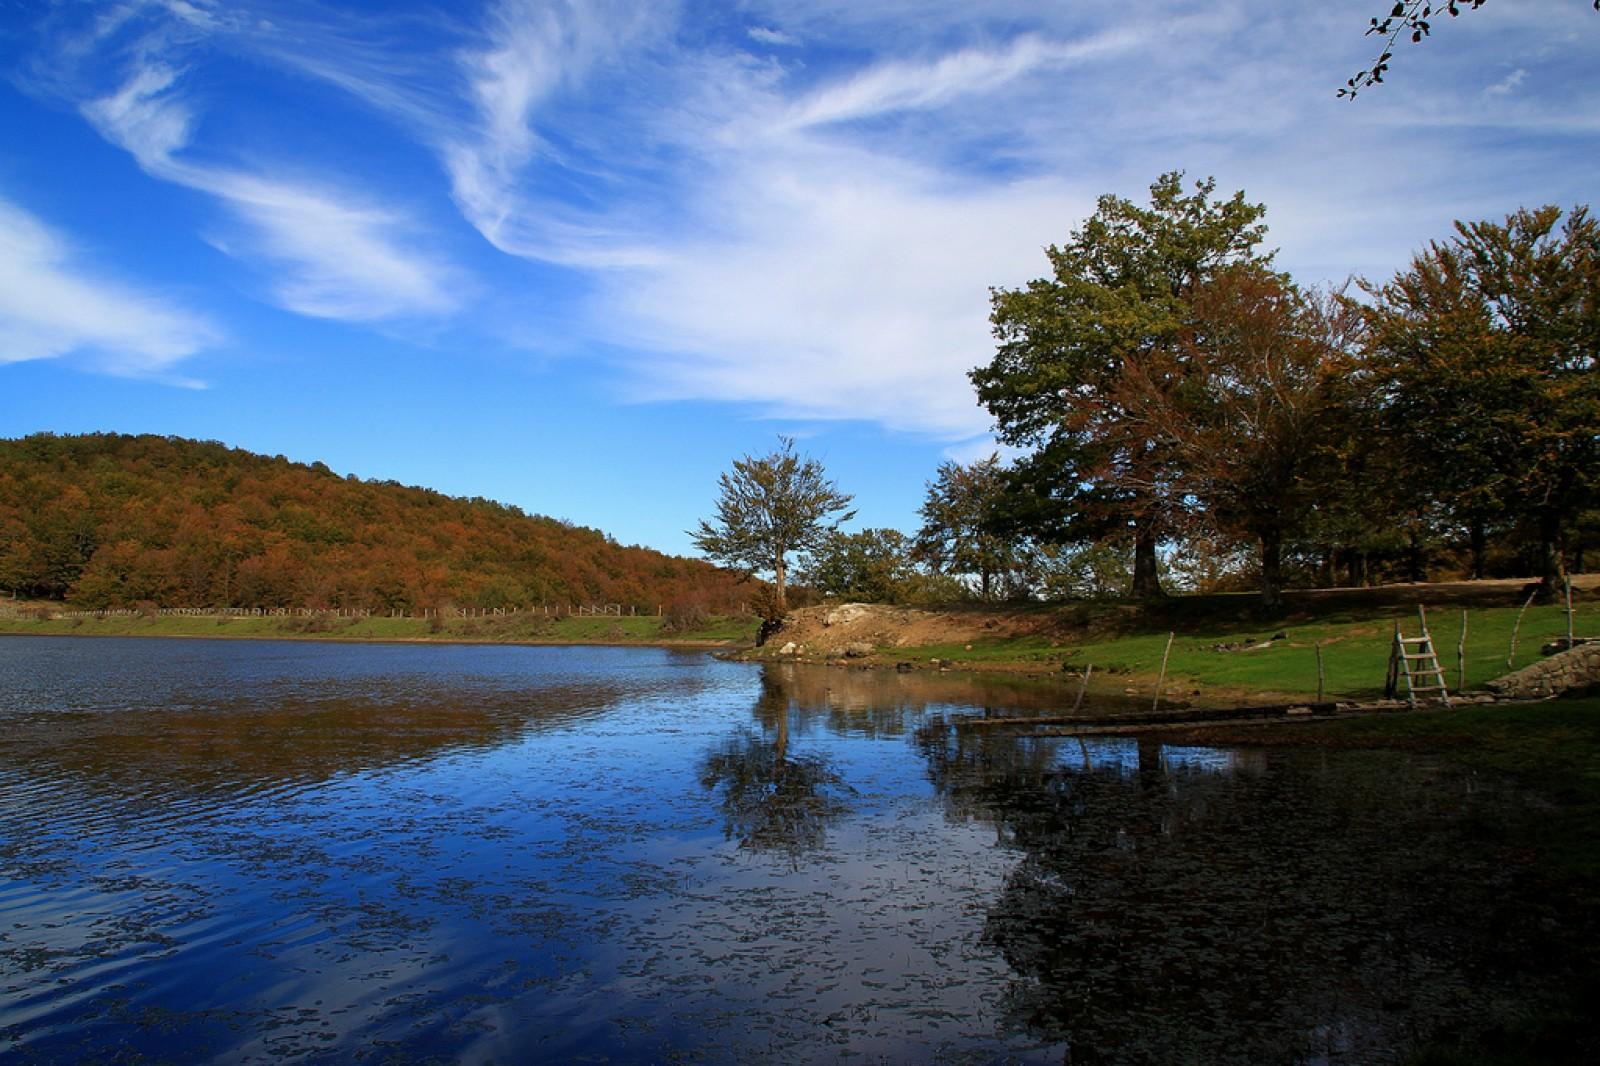 Parco dei Nebrodi e delle Madonie: cosa visitare e i percorsi migliori